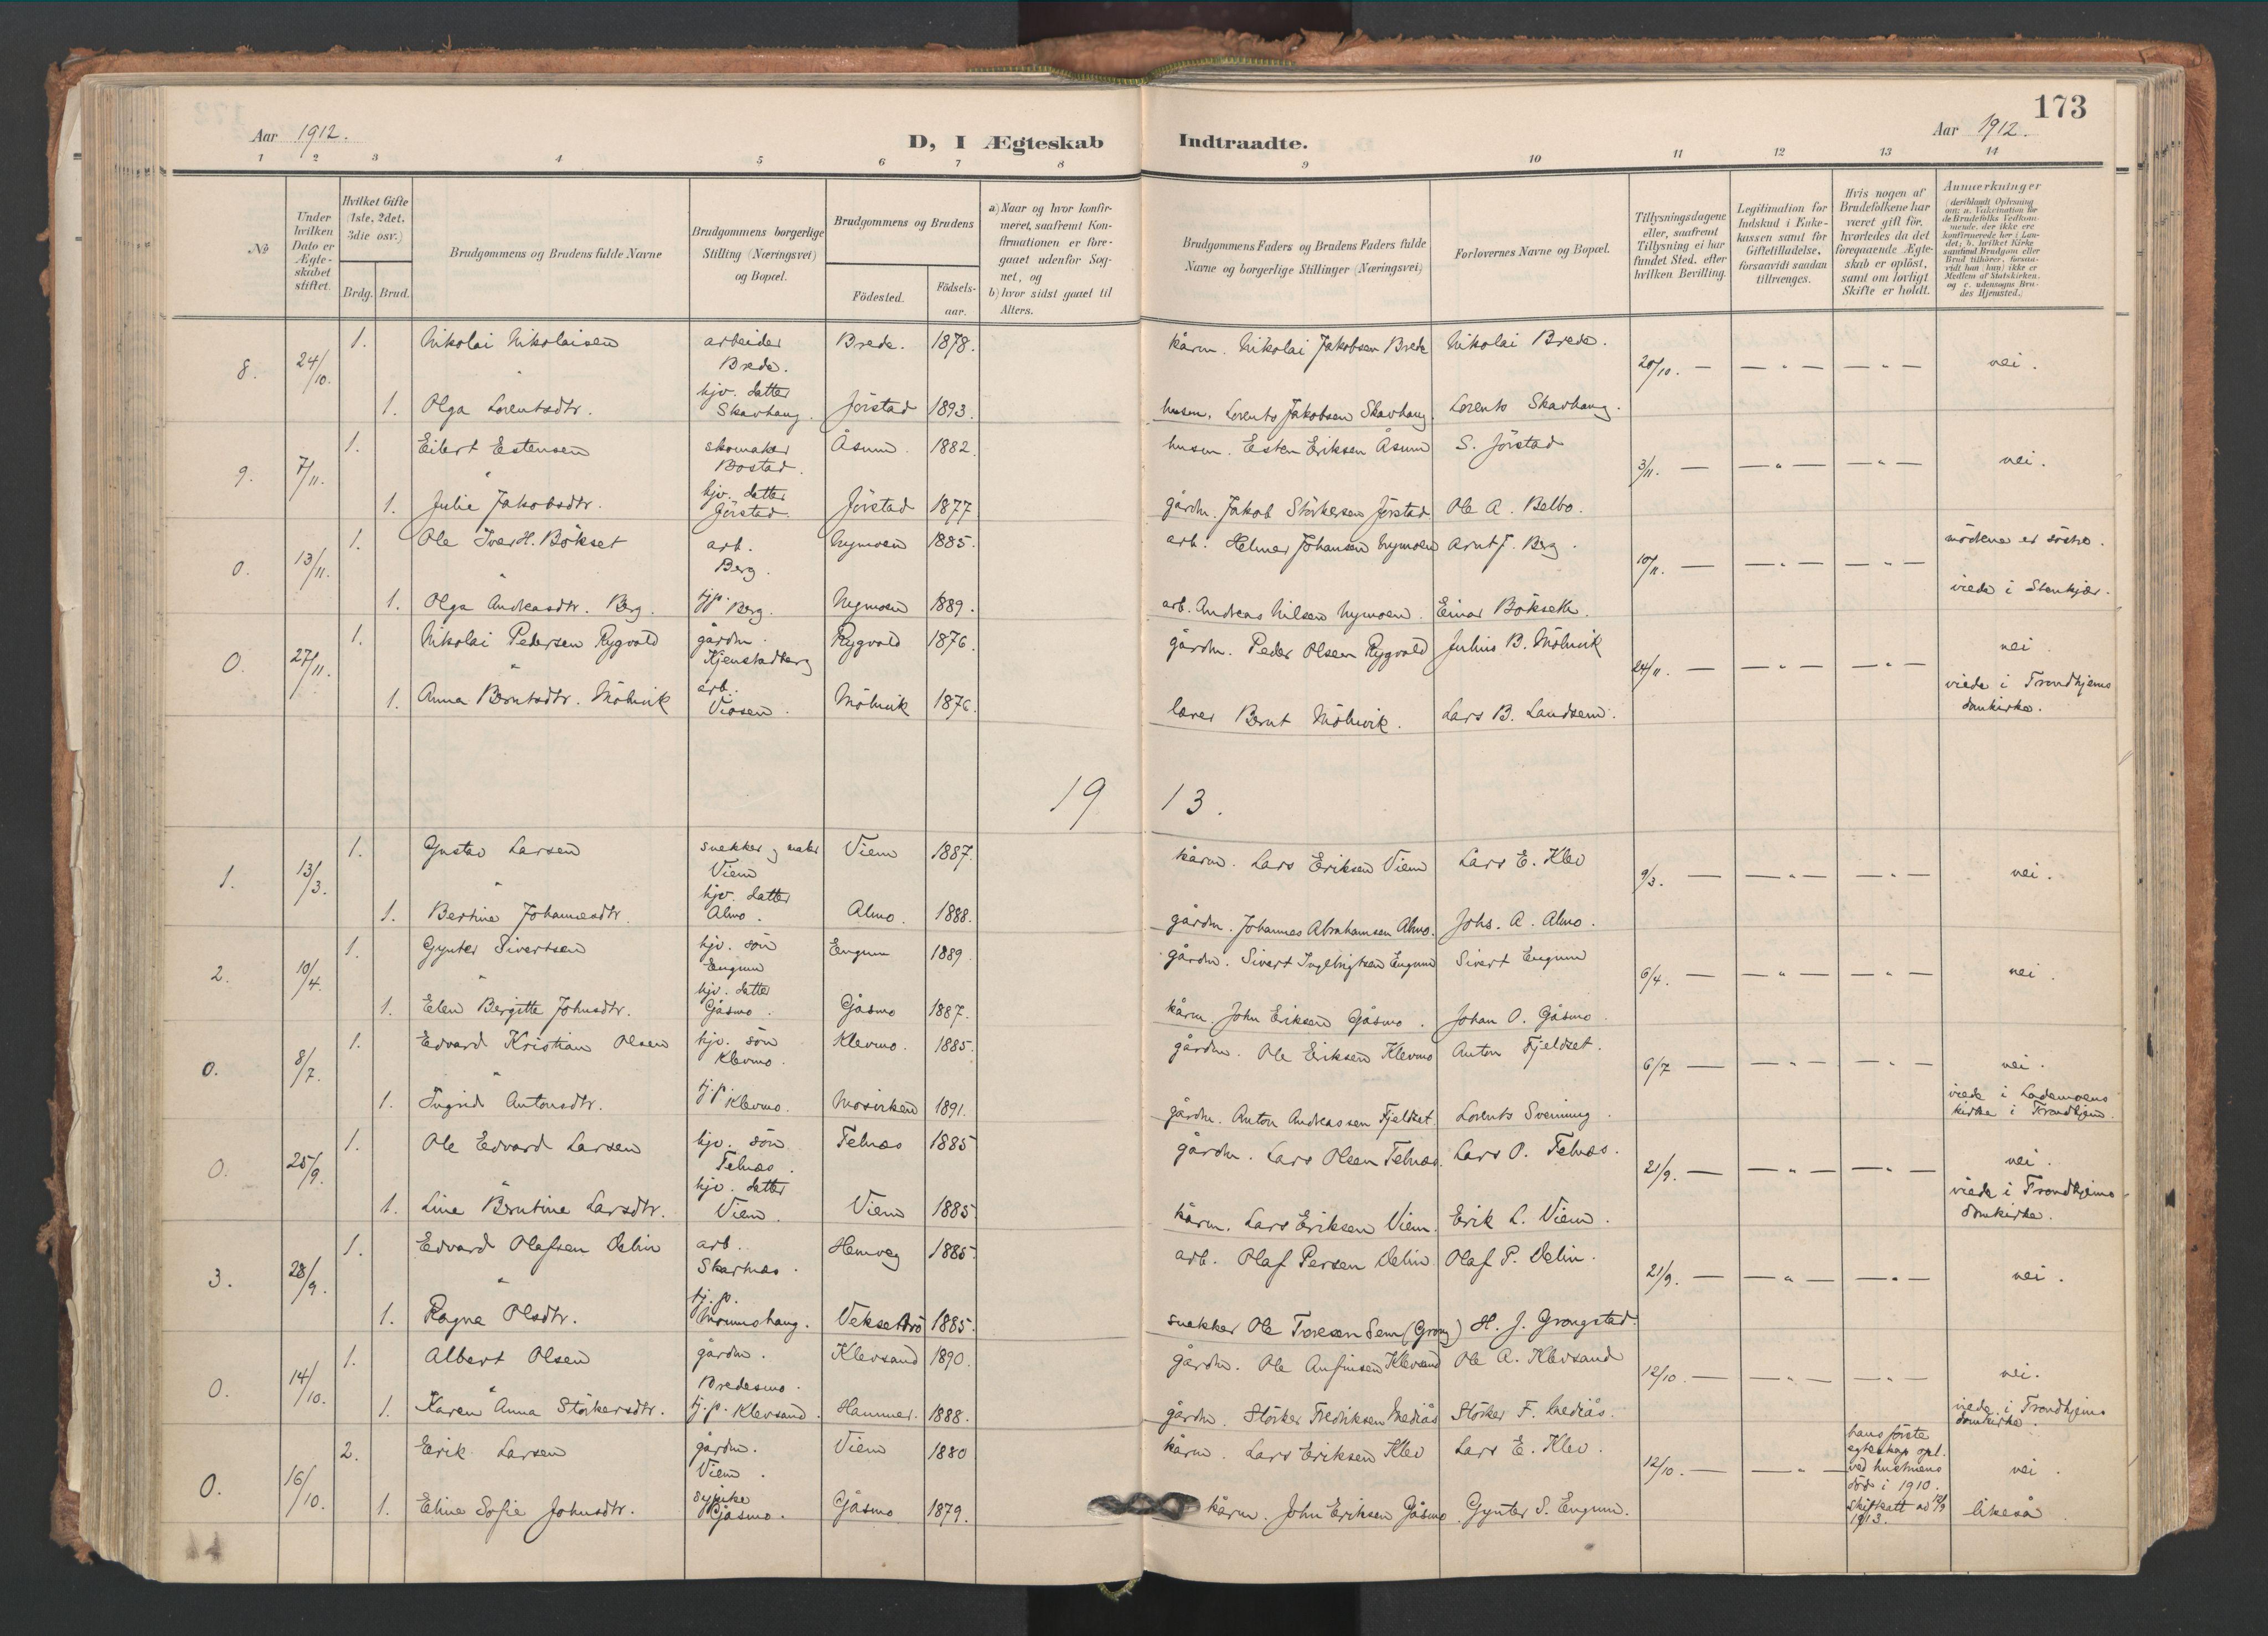 SAT, Ministerialprotokoller, klokkerbøker og fødselsregistre - Nord-Trøndelag, 749/L0477: Ministerialbok nr. 749A11, 1902-1927, s. 173